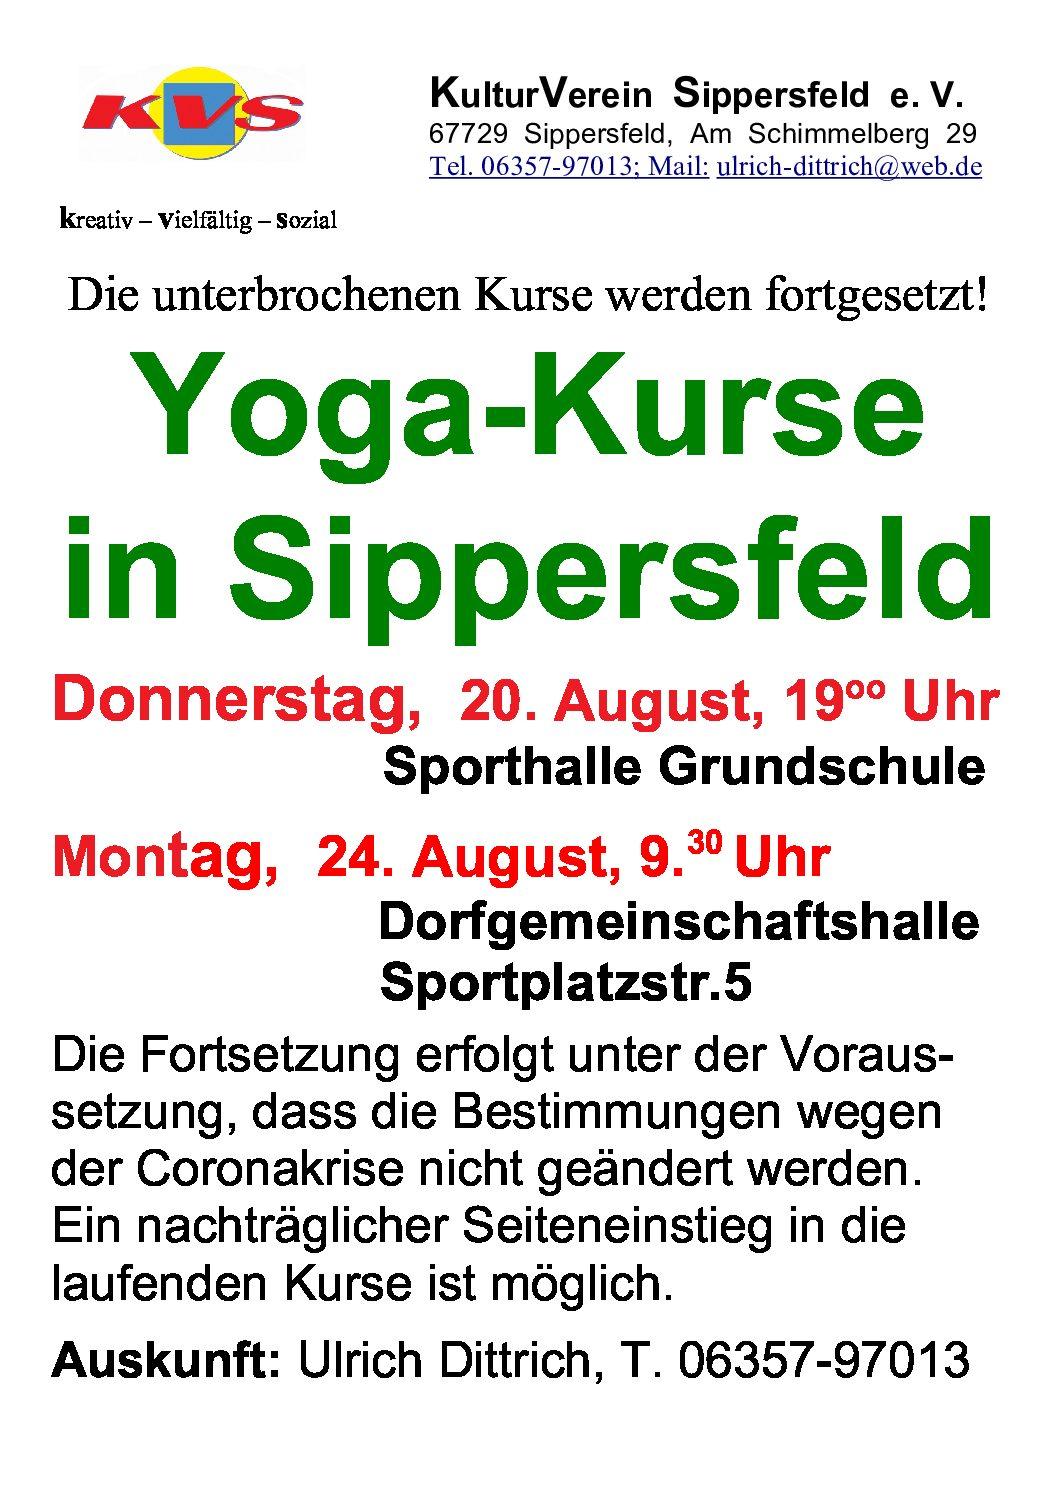 Yoga-Kurse in Sippersfeld